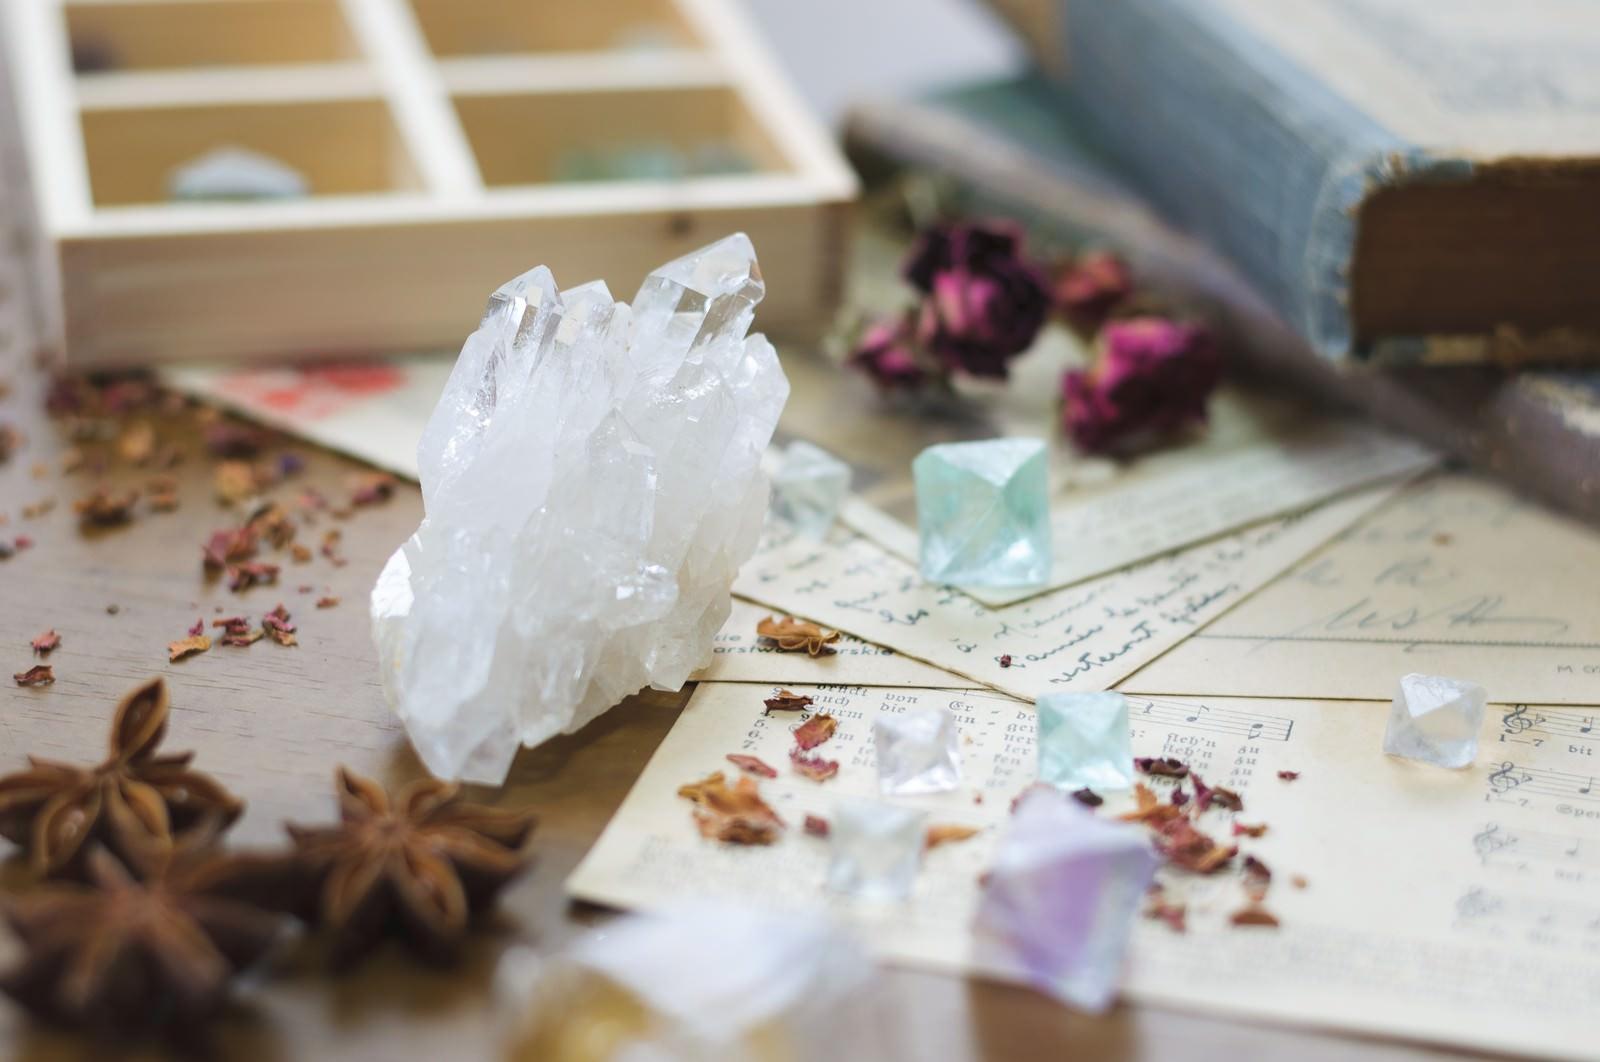 「魔法薬の材料(クリスタル)」の写真